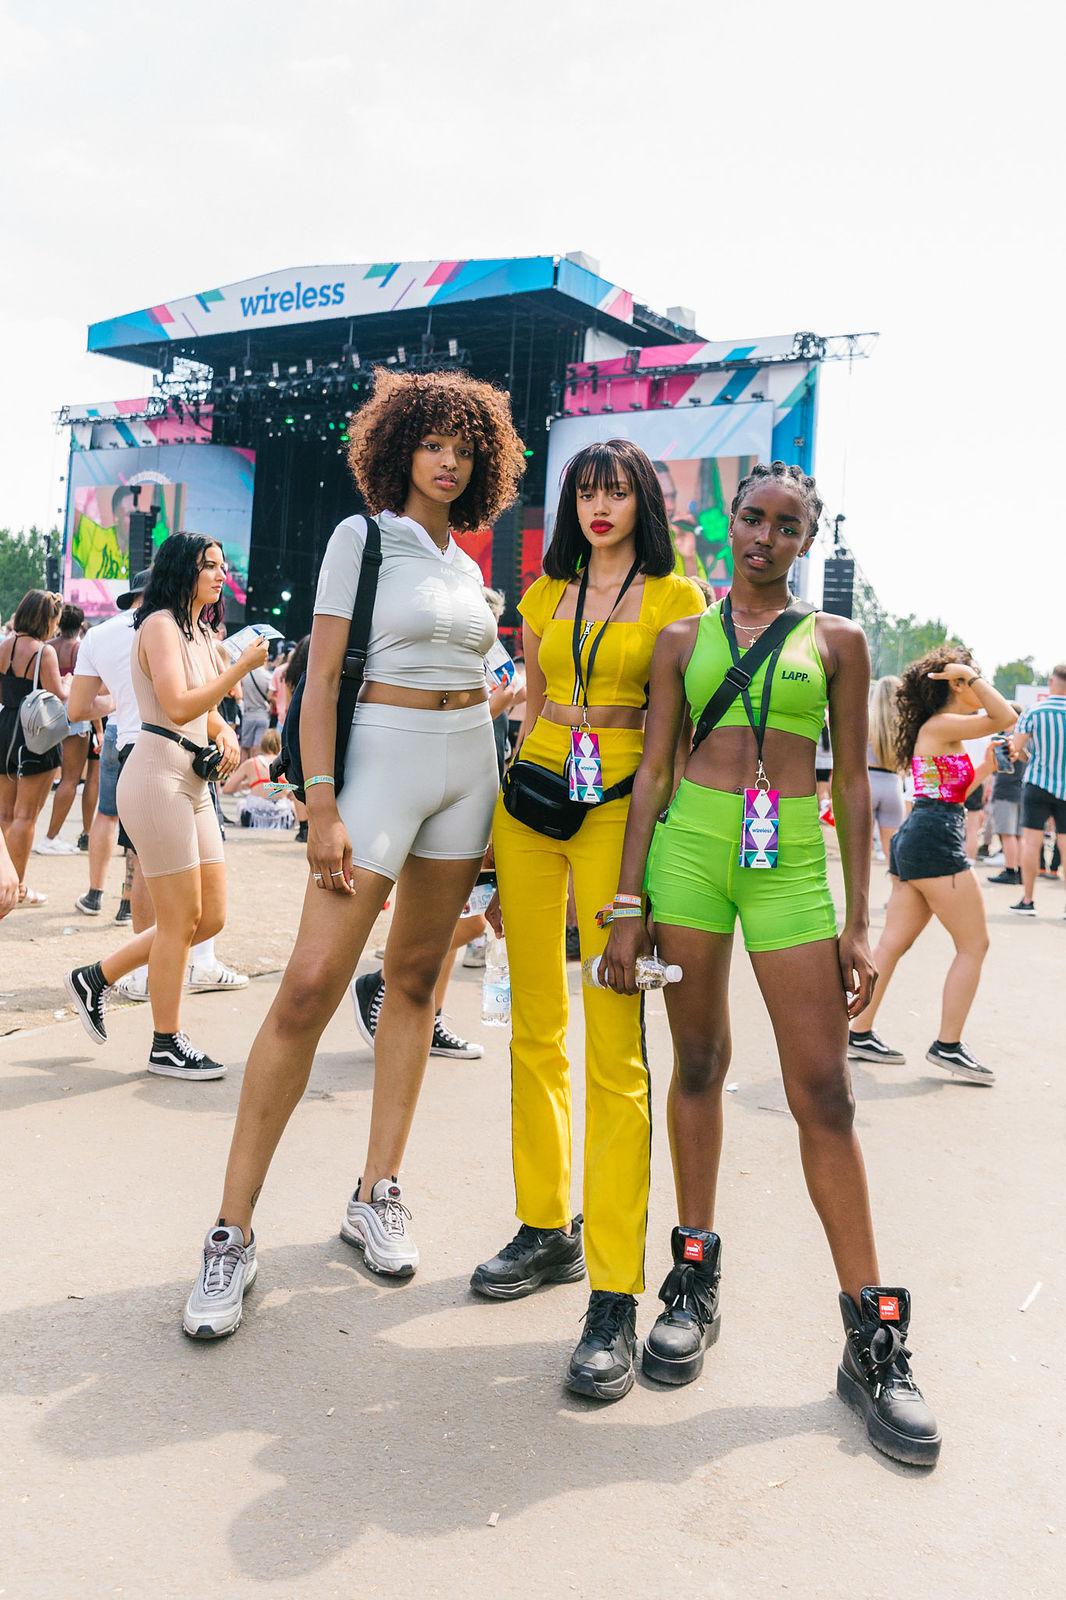 Wireless Festival 2018